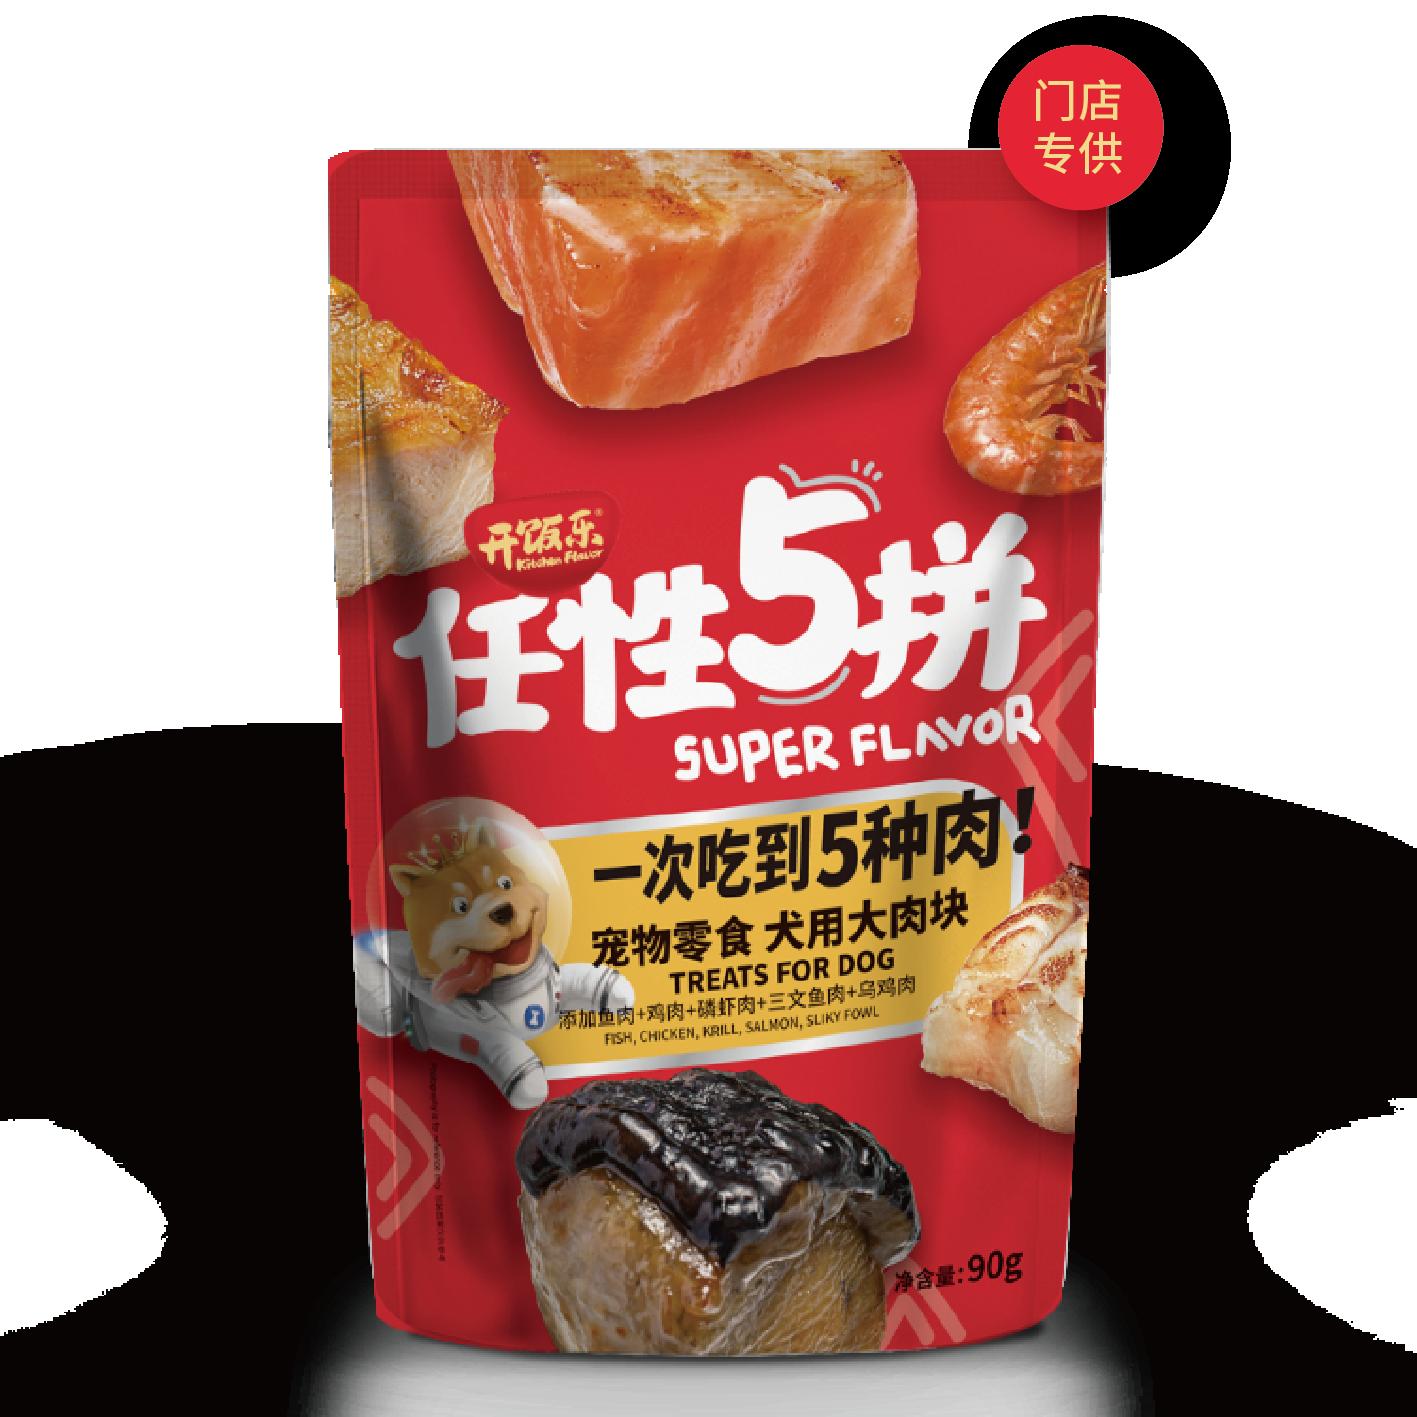 任性5拼宠物零食犬用大肉块